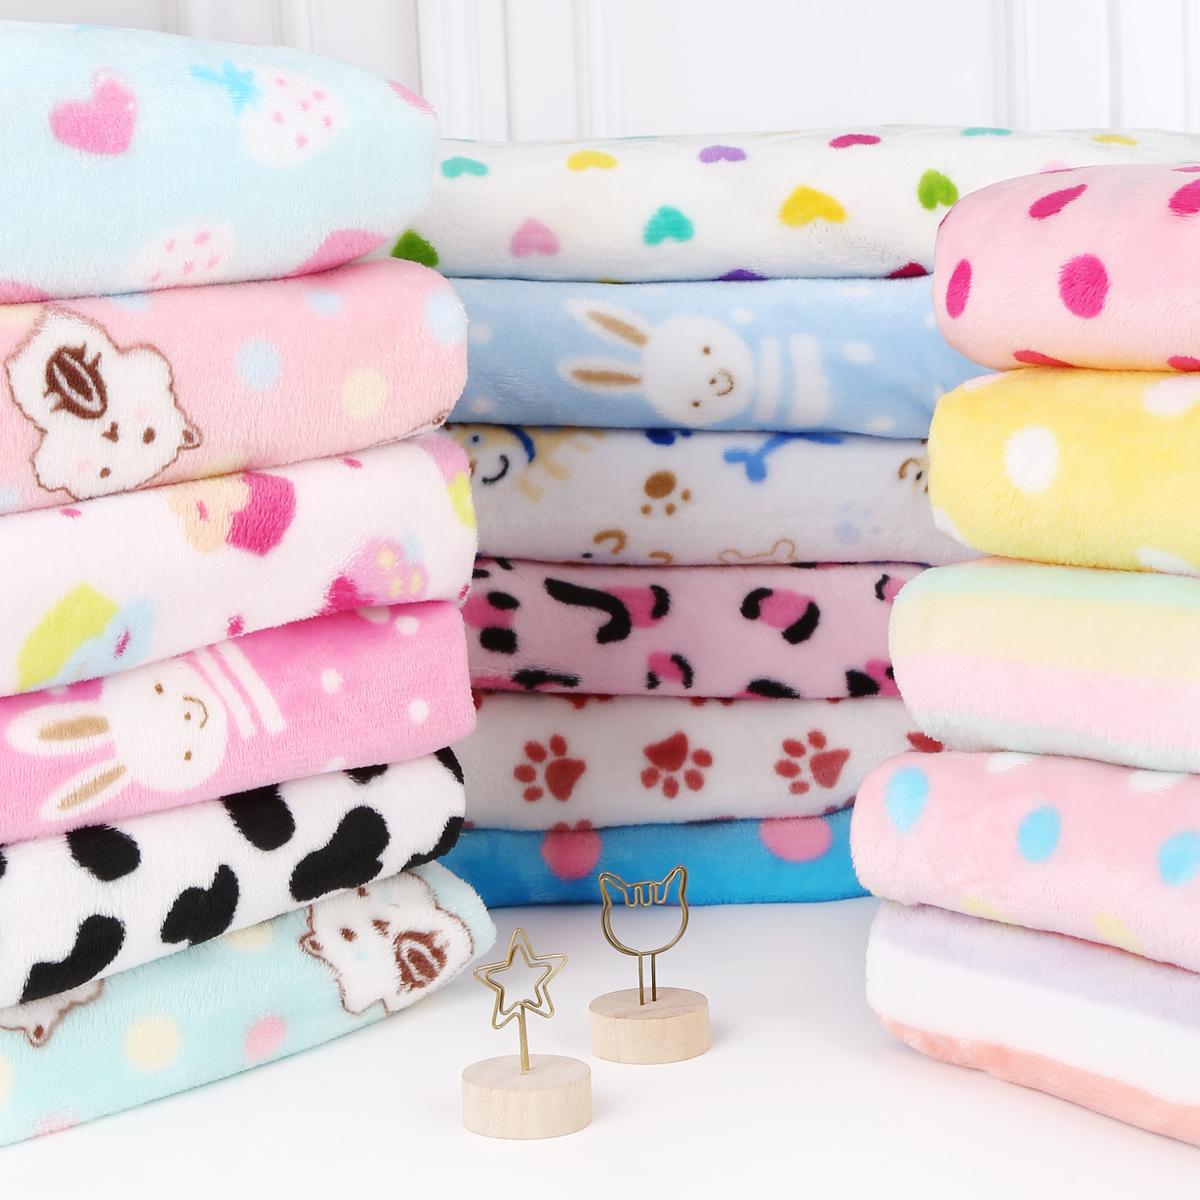 不包邮双面法兰绒法莱绒面料珊瑚绒毛毯睡衣服装料毛绒床单手工diy布料